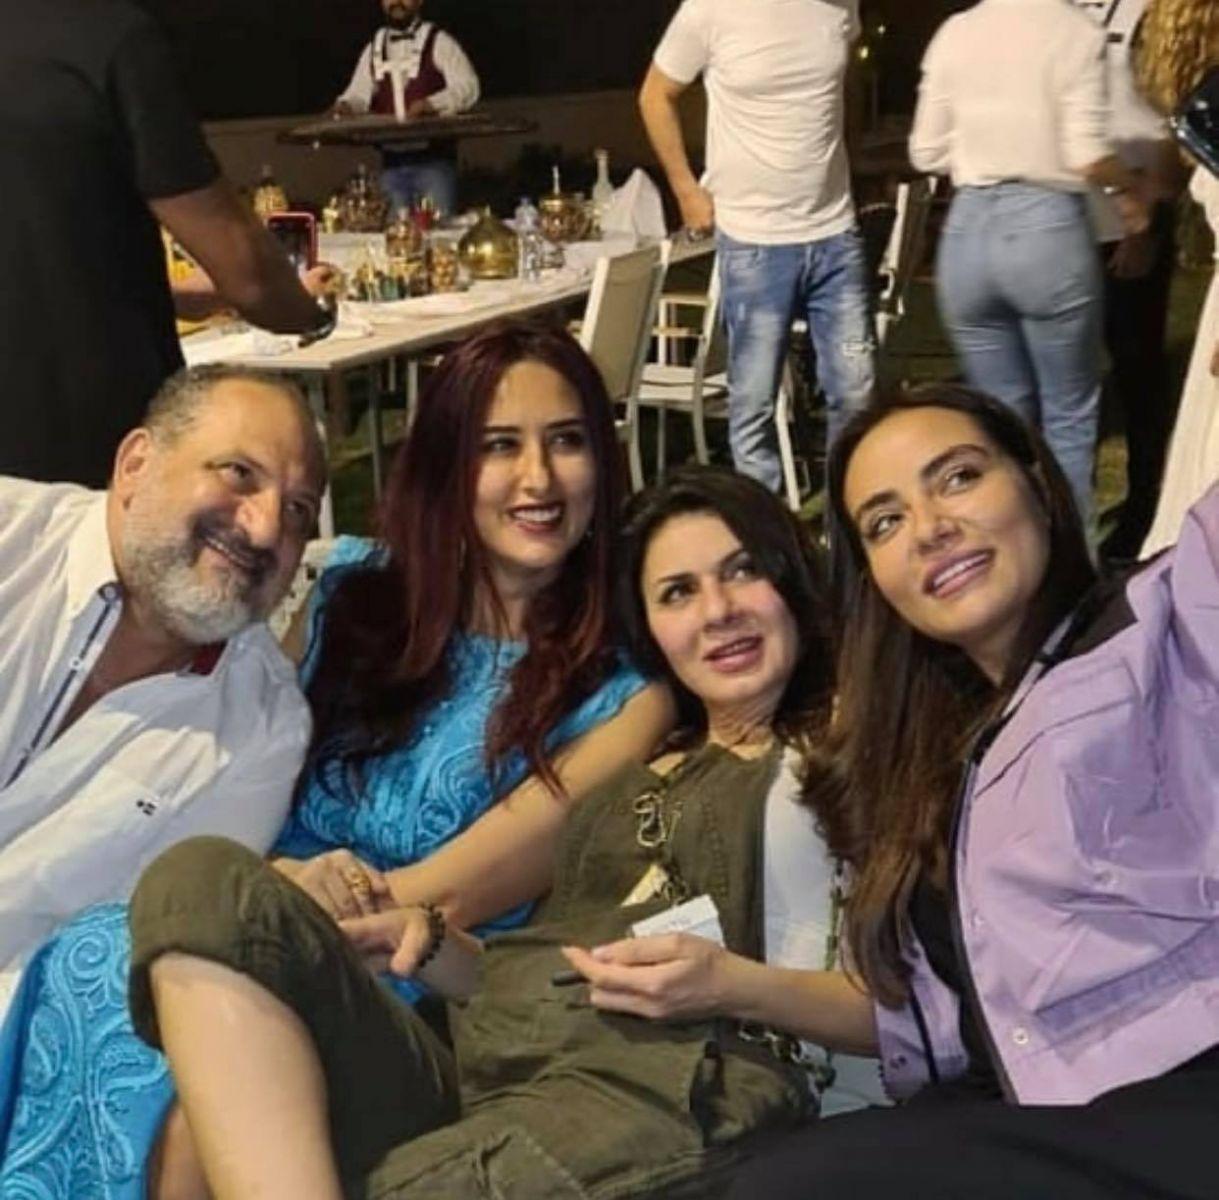 شاهد.. خالد صالح مع ثلاثة من الفنانين فى فيلا الإعلامية شيرين حمدي بأجواء رمضانية مميزة